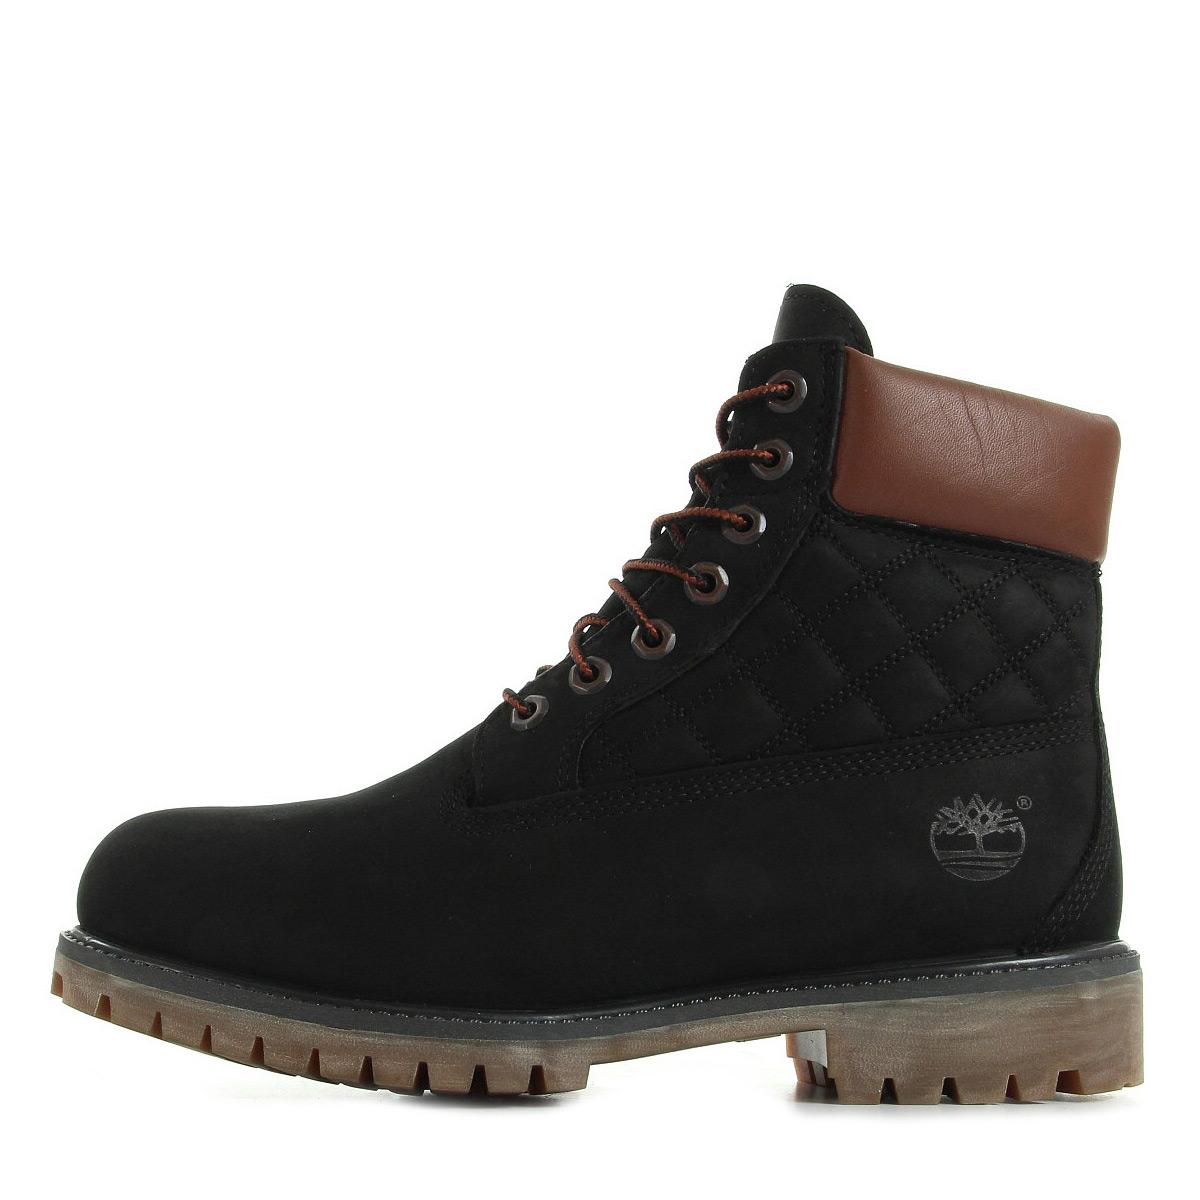 Détails sur Chaussures Boots Timberland homme 6 IN Premium Boot taille Noir Noire Cuir